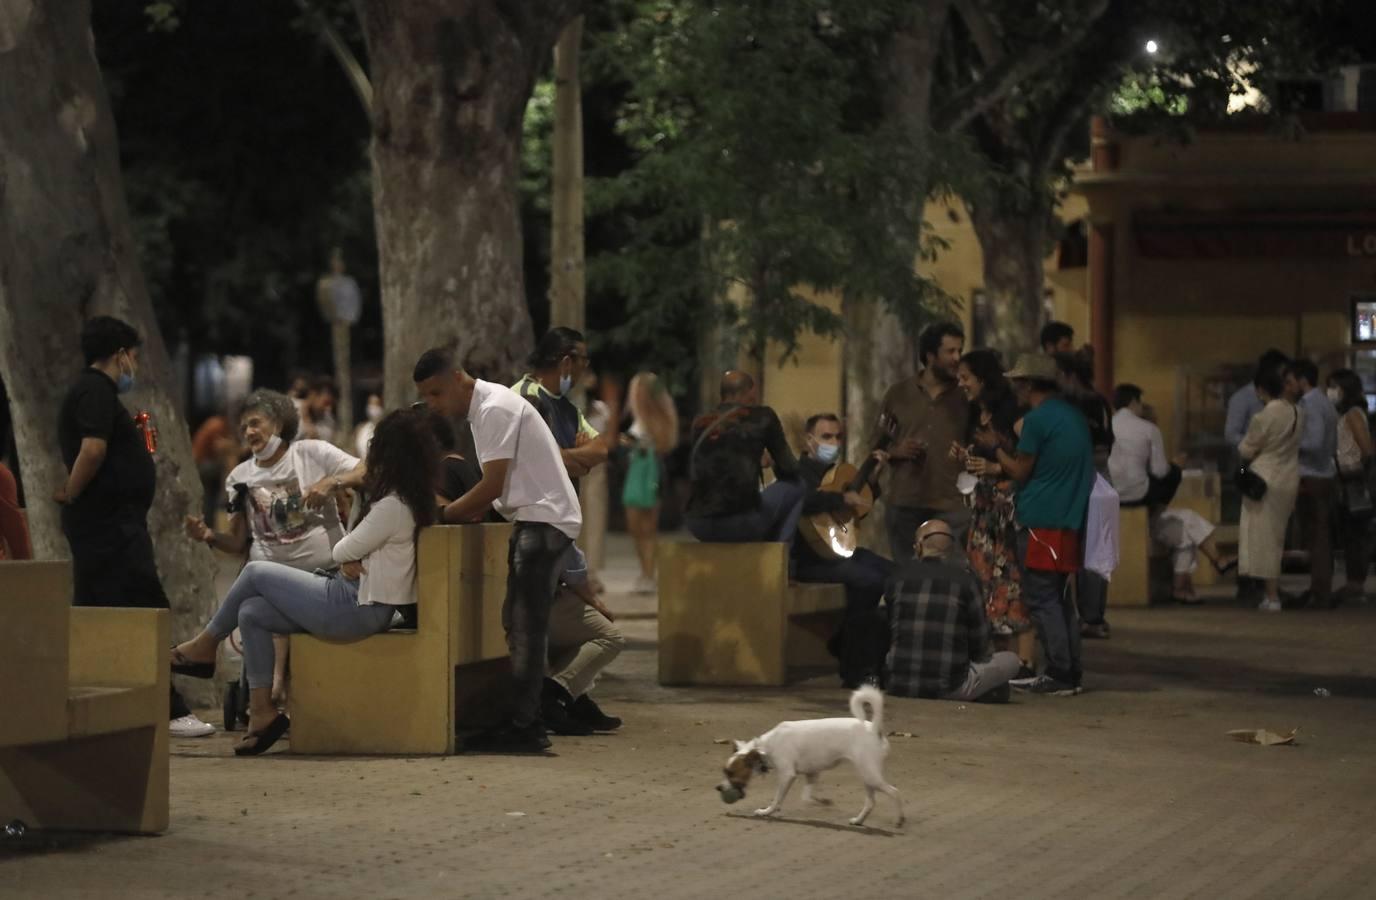 La Policía de Sevilla despliega un dispositivo para frenar los desmadres tras el fin del toque de queda